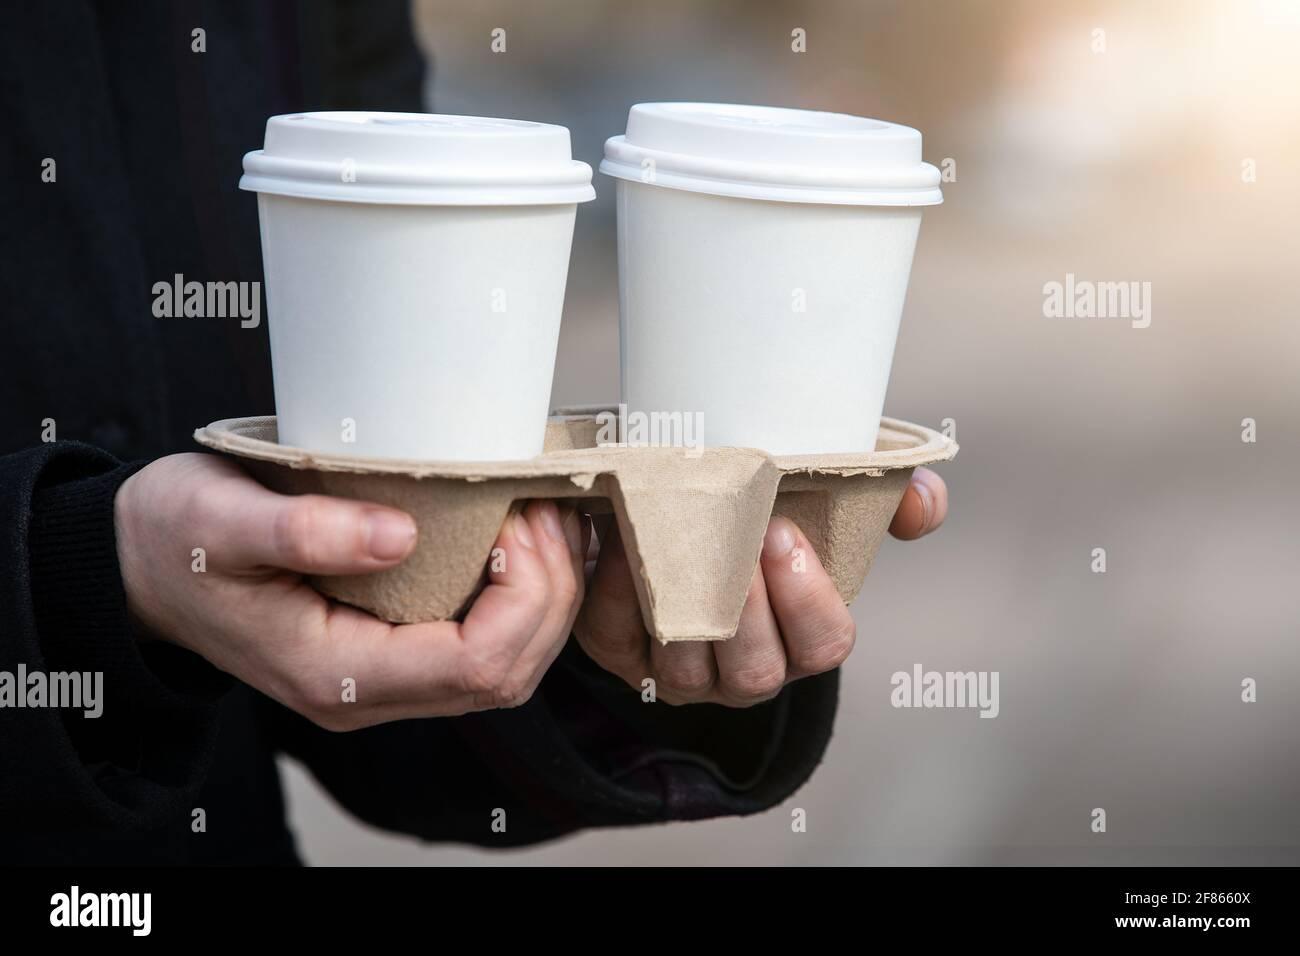 Tasses à café en papier à emporter. Tôt le matin, petit déjeuner et début de la journée de travail. Banque D'Images